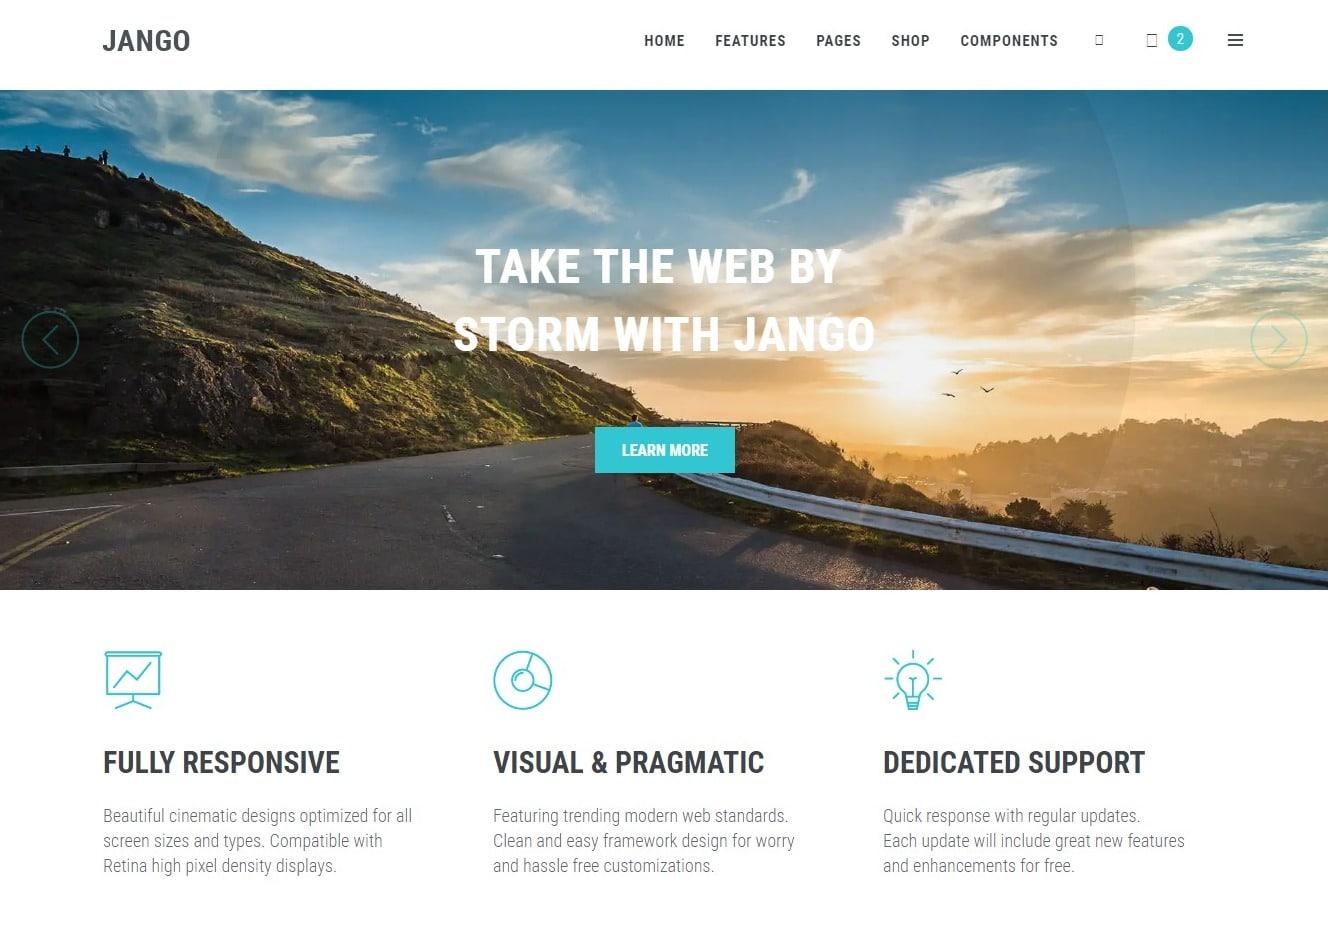 jango simple website template